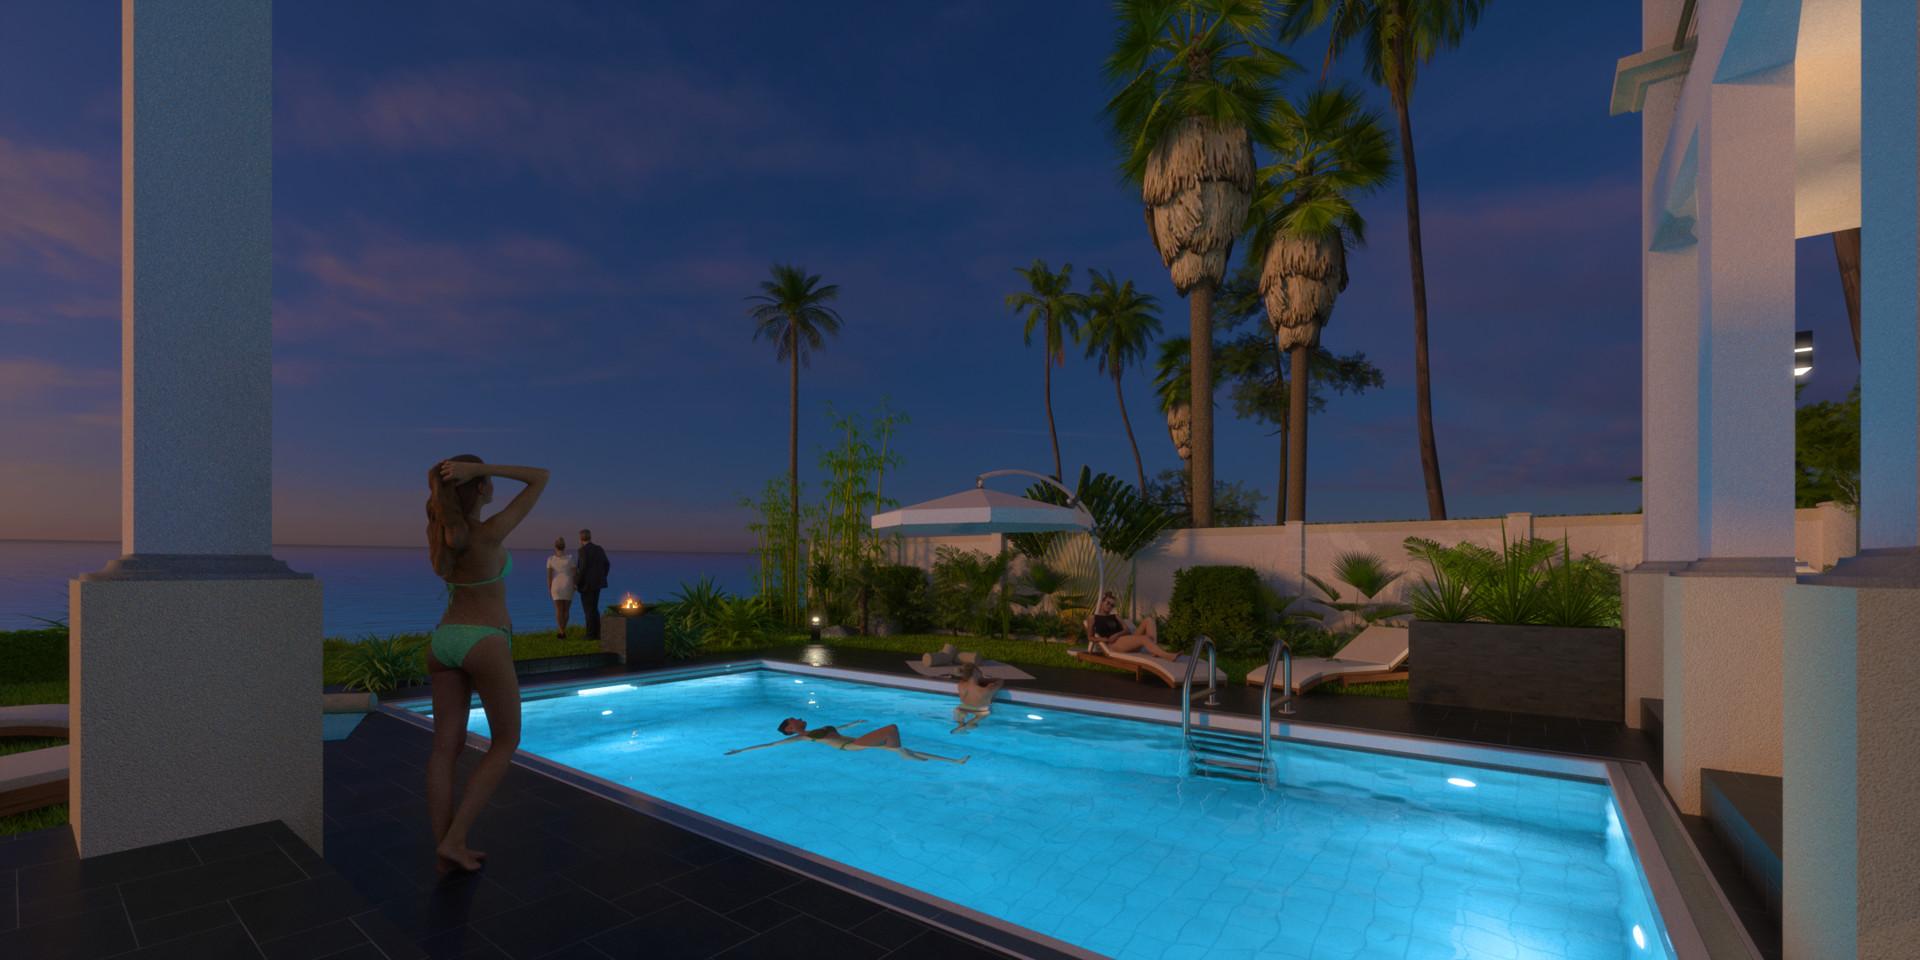 Duane kemp poolside 6c night b glare samantha